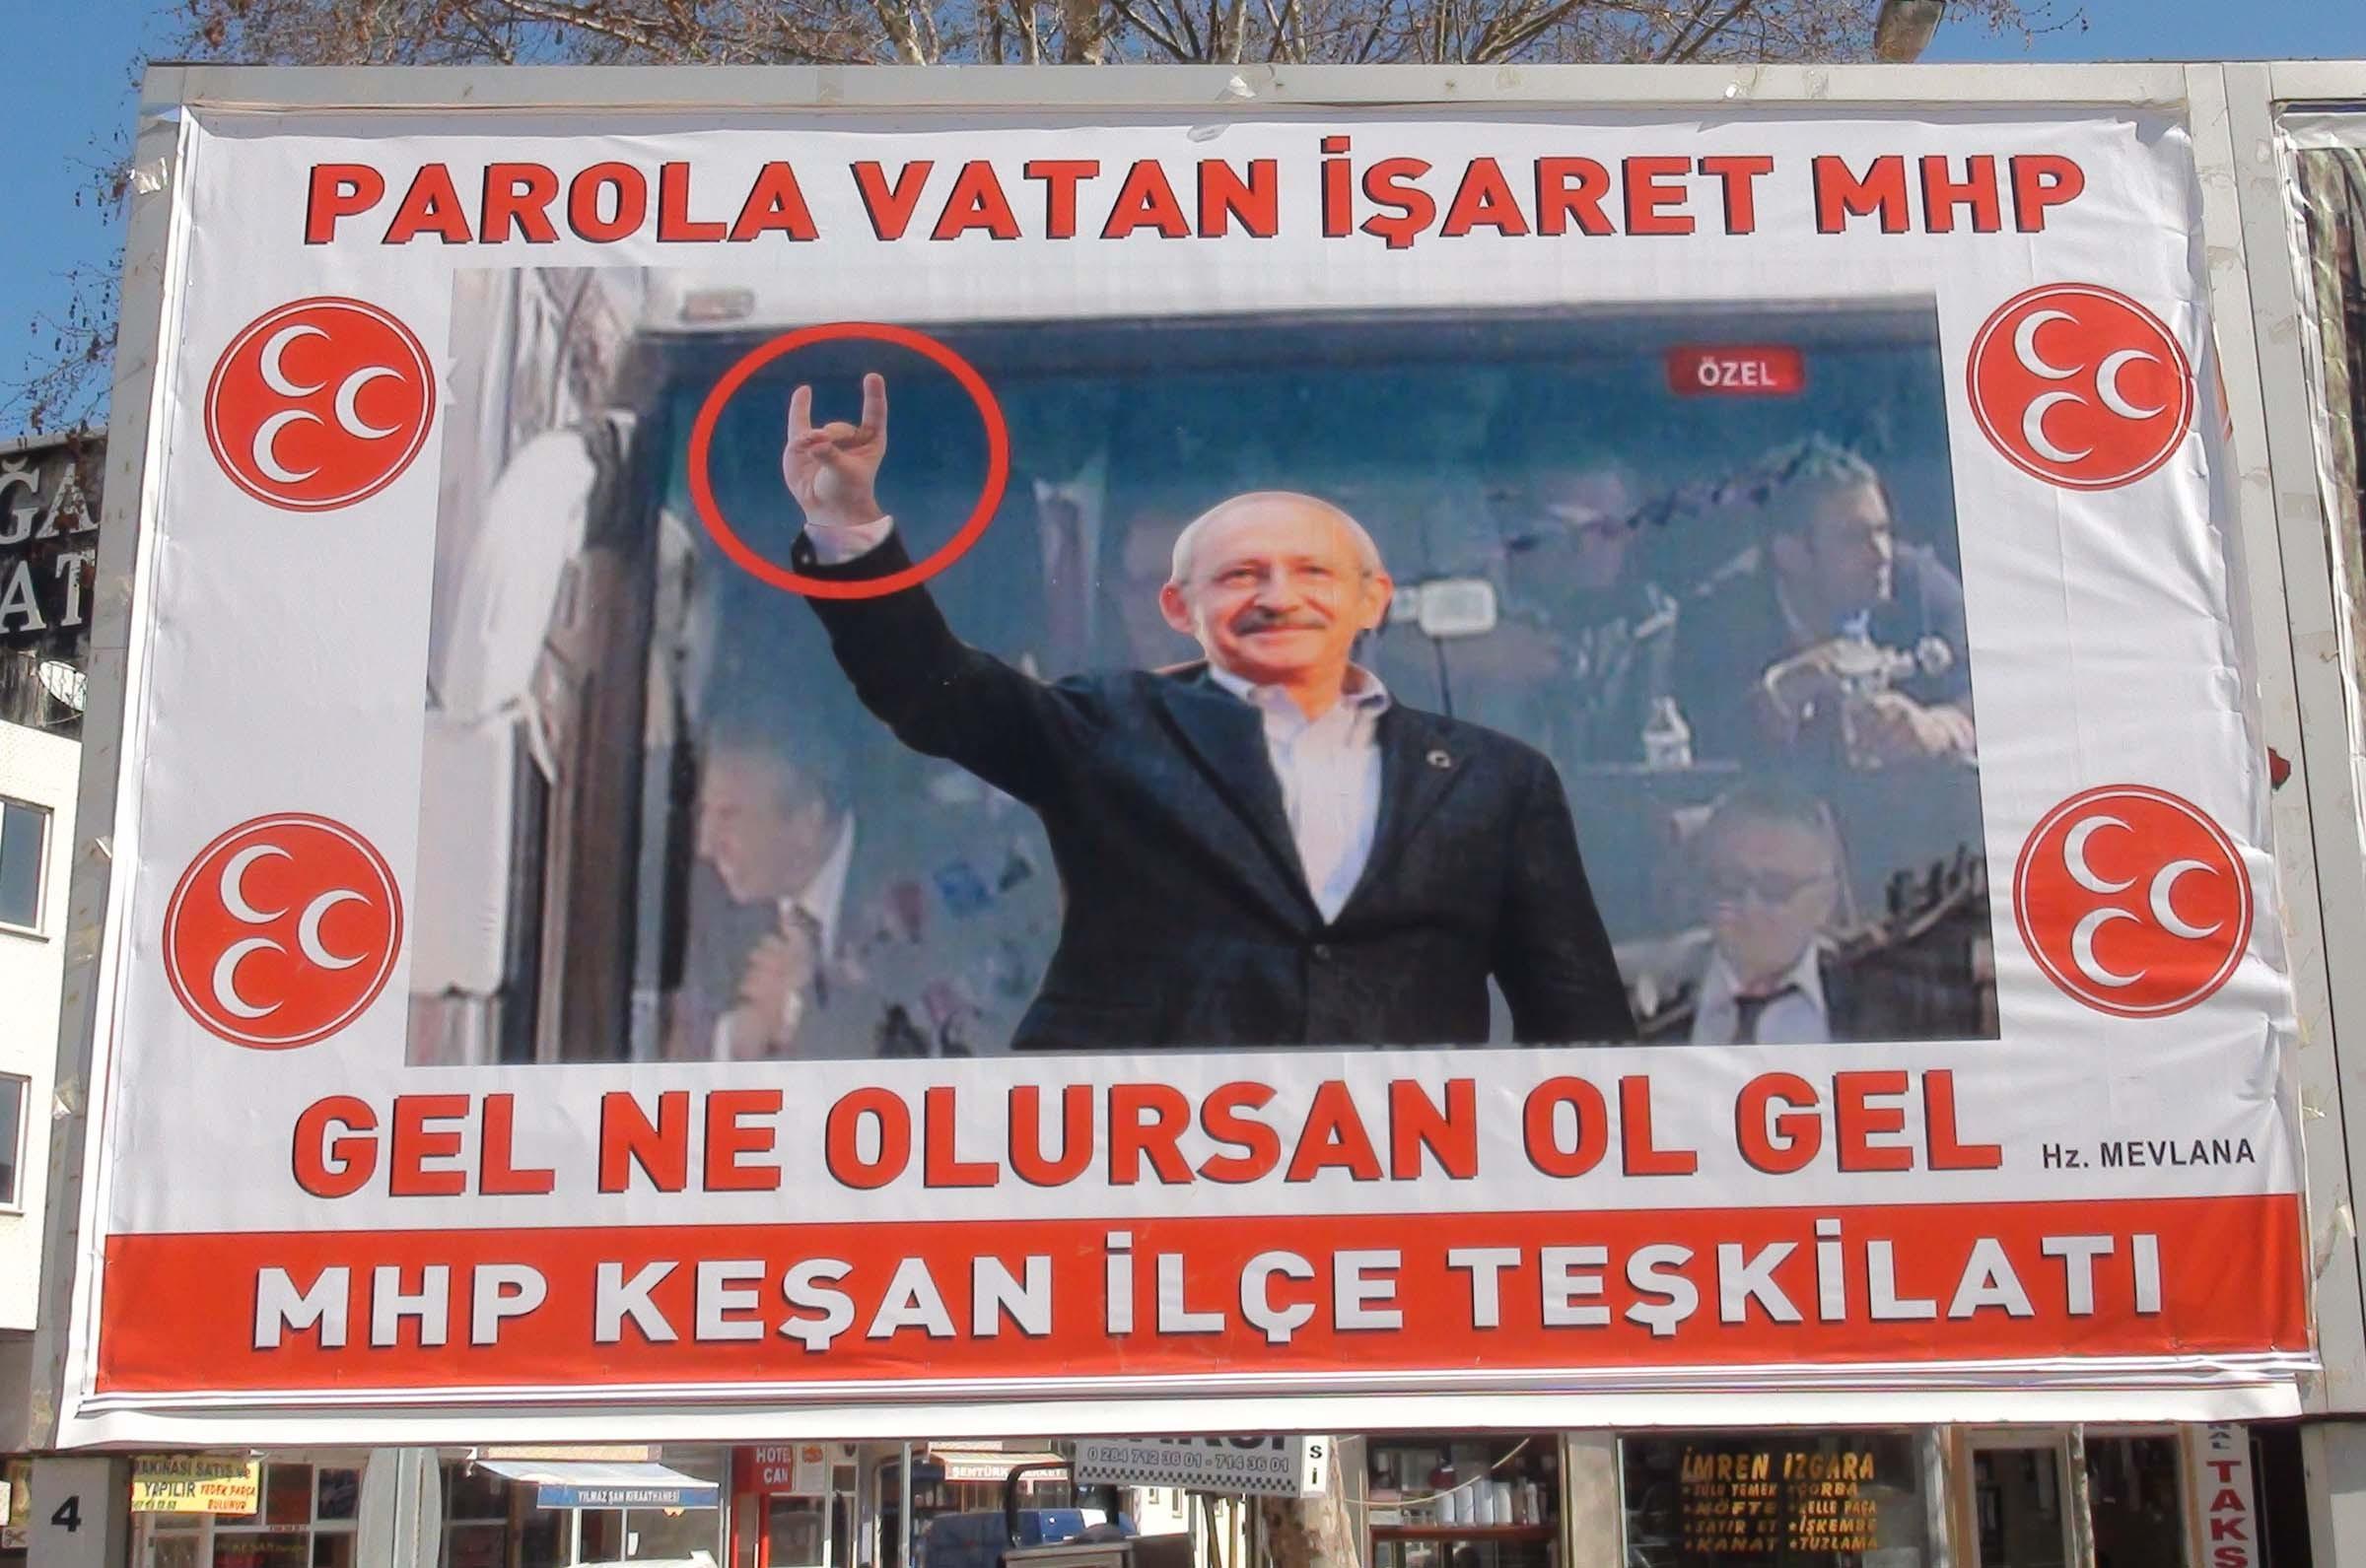 MHP'den şaşırtan Kılıçdaroğlu afişi